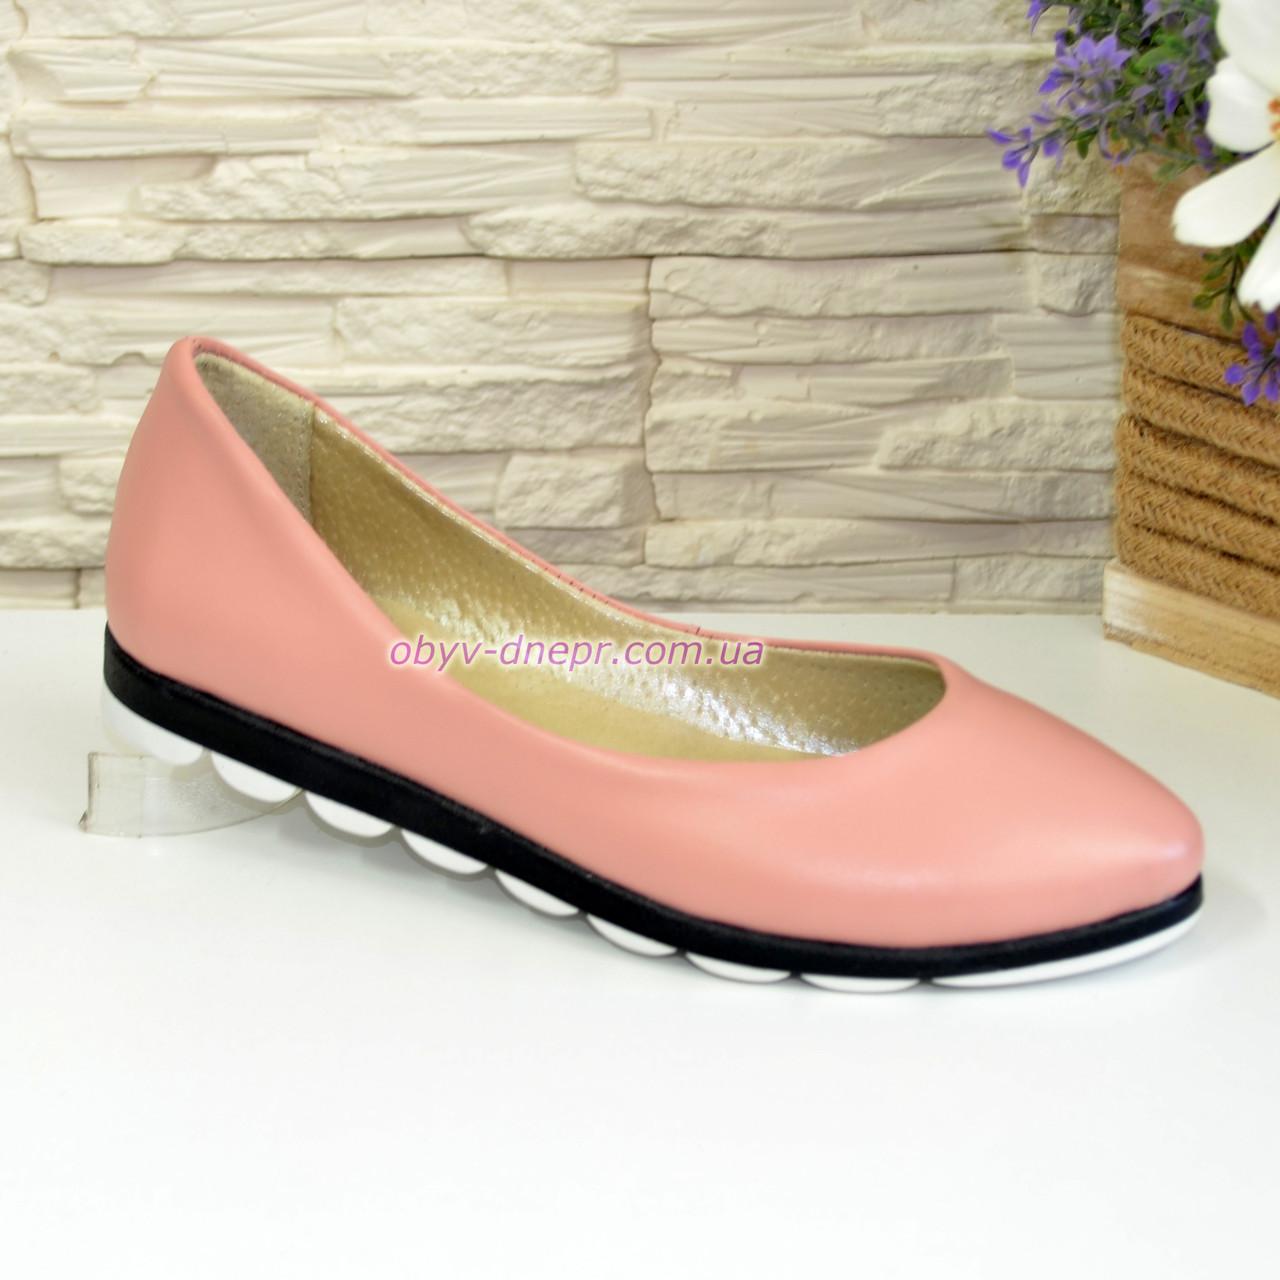 Туфли женские кожаные на утолщенной подошве, цвет пудра